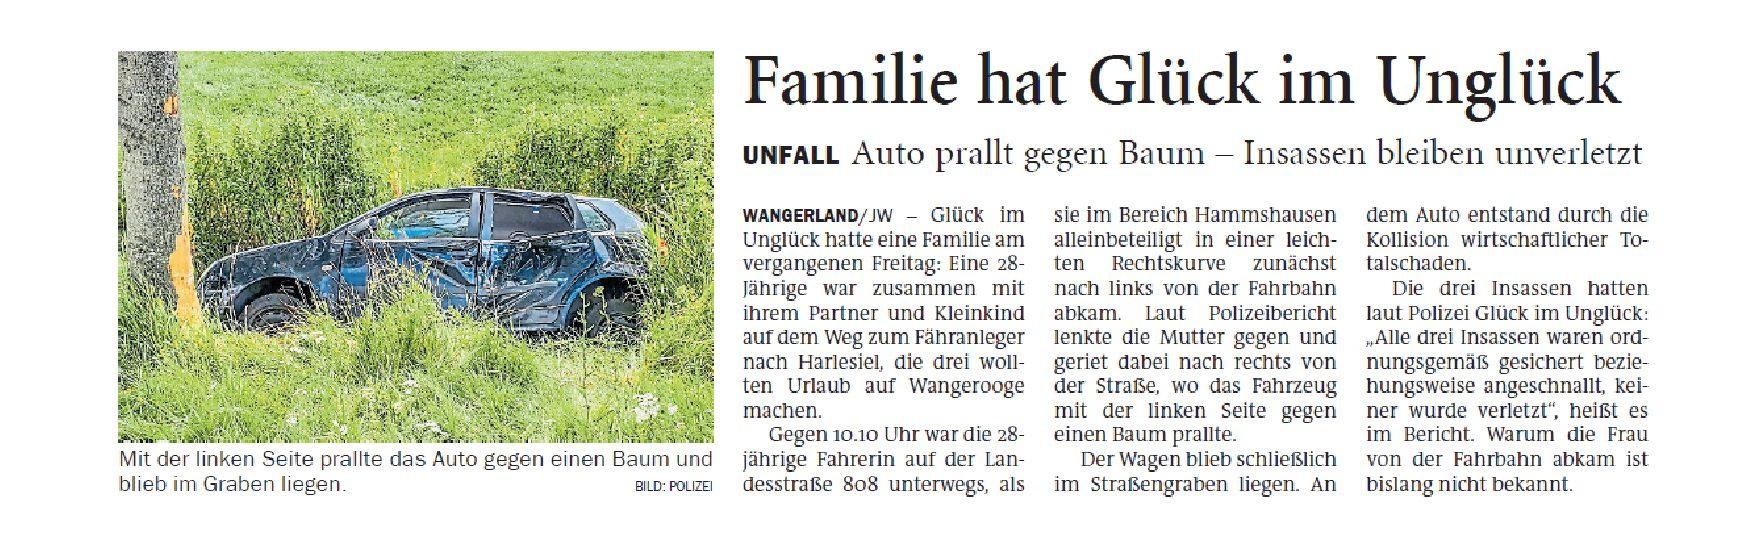 Jeversches Wochenblatt 07.07.2020 II